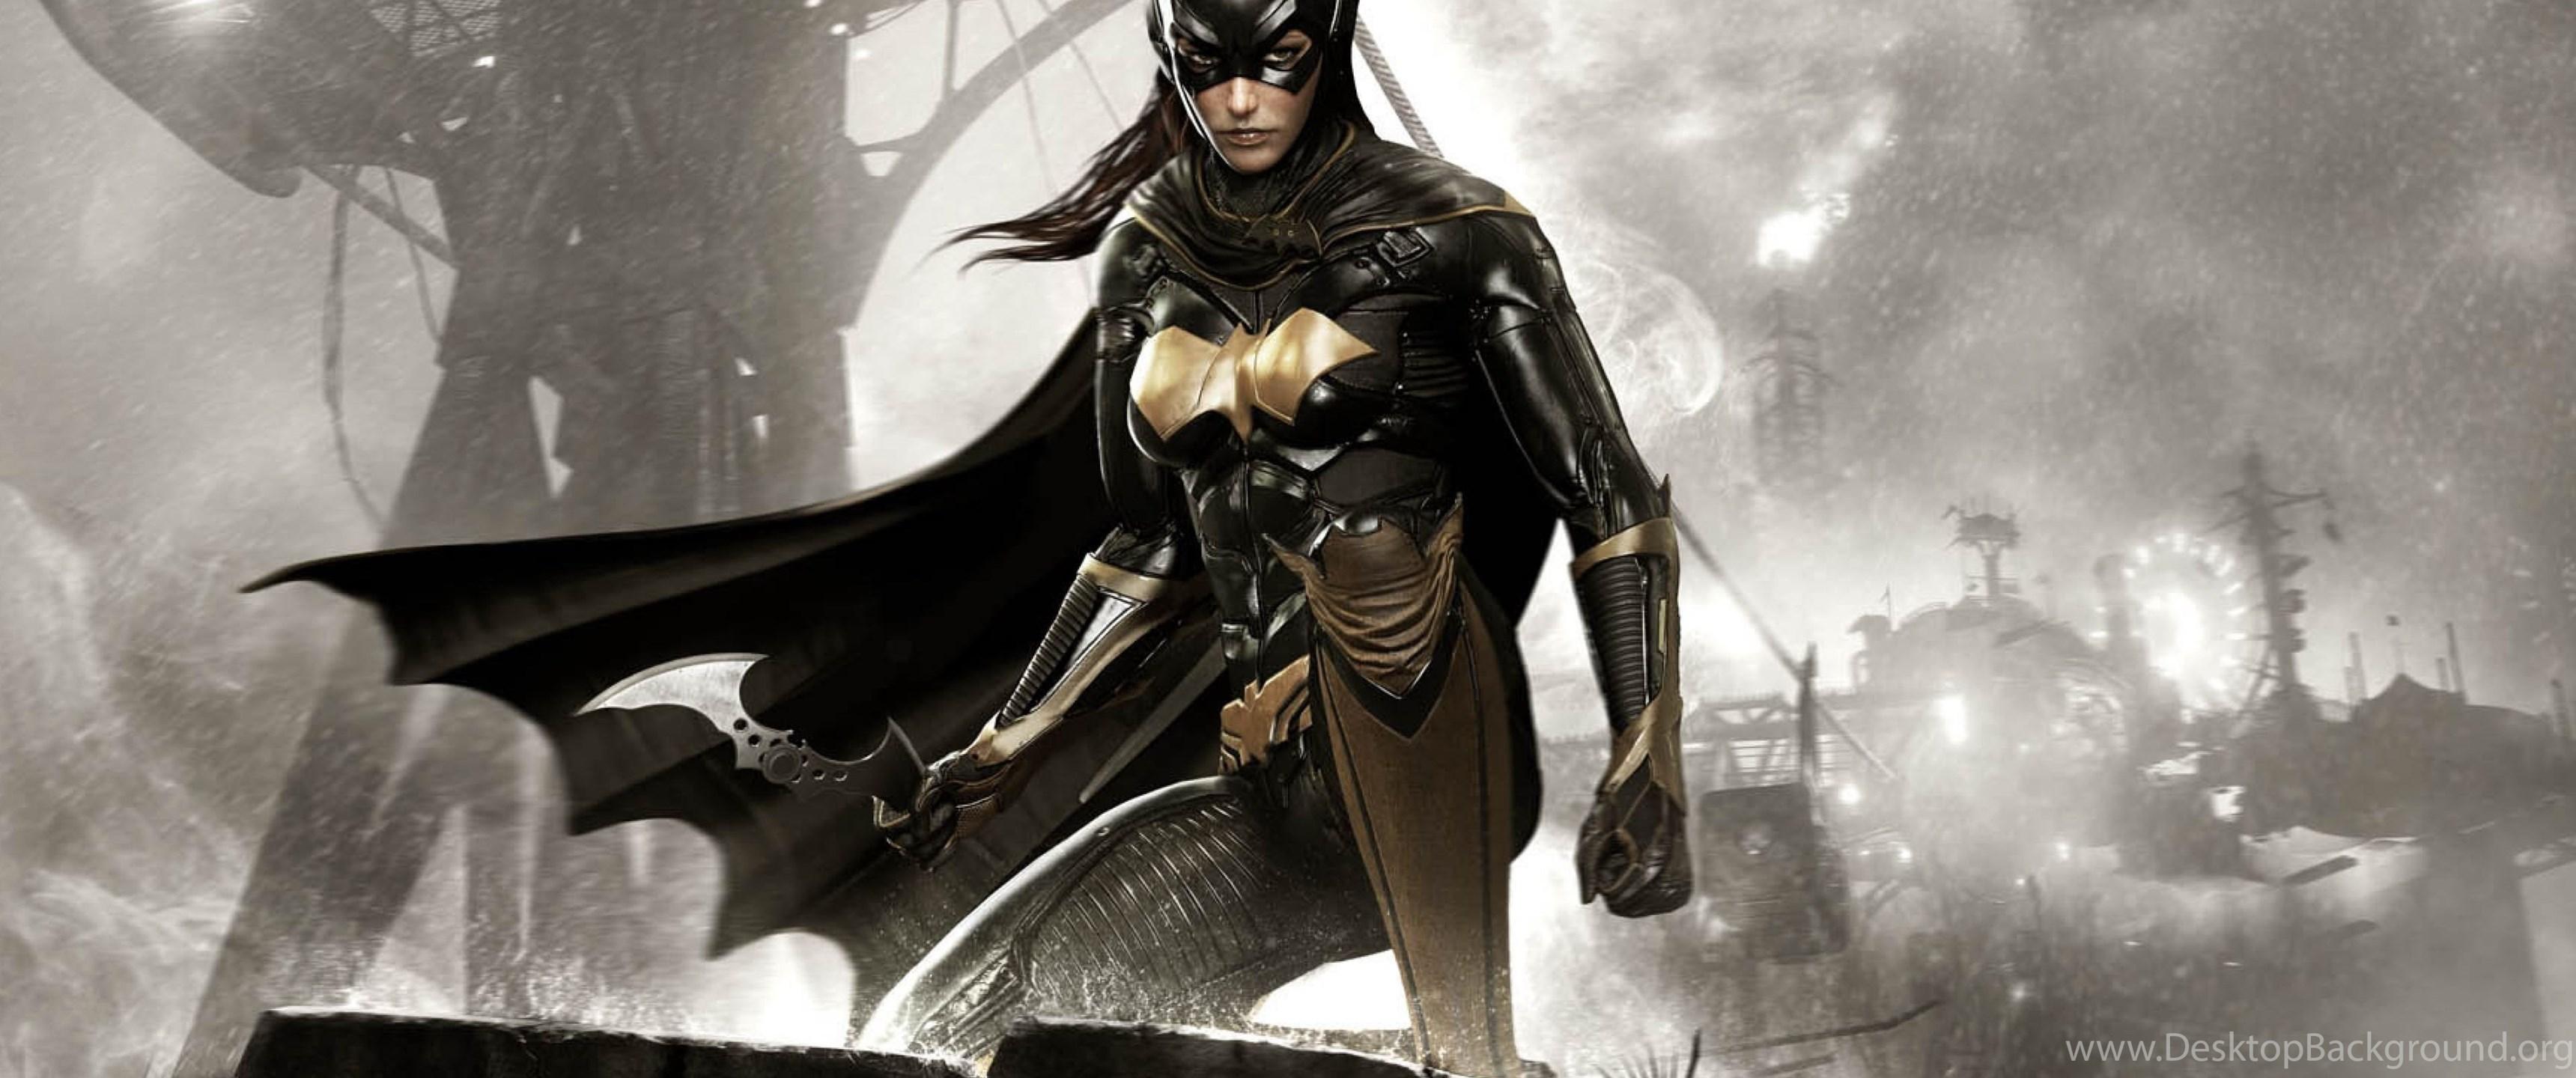 Ultra HD 4K Batman Wallpapers HD, Desktop Backgrounds ...